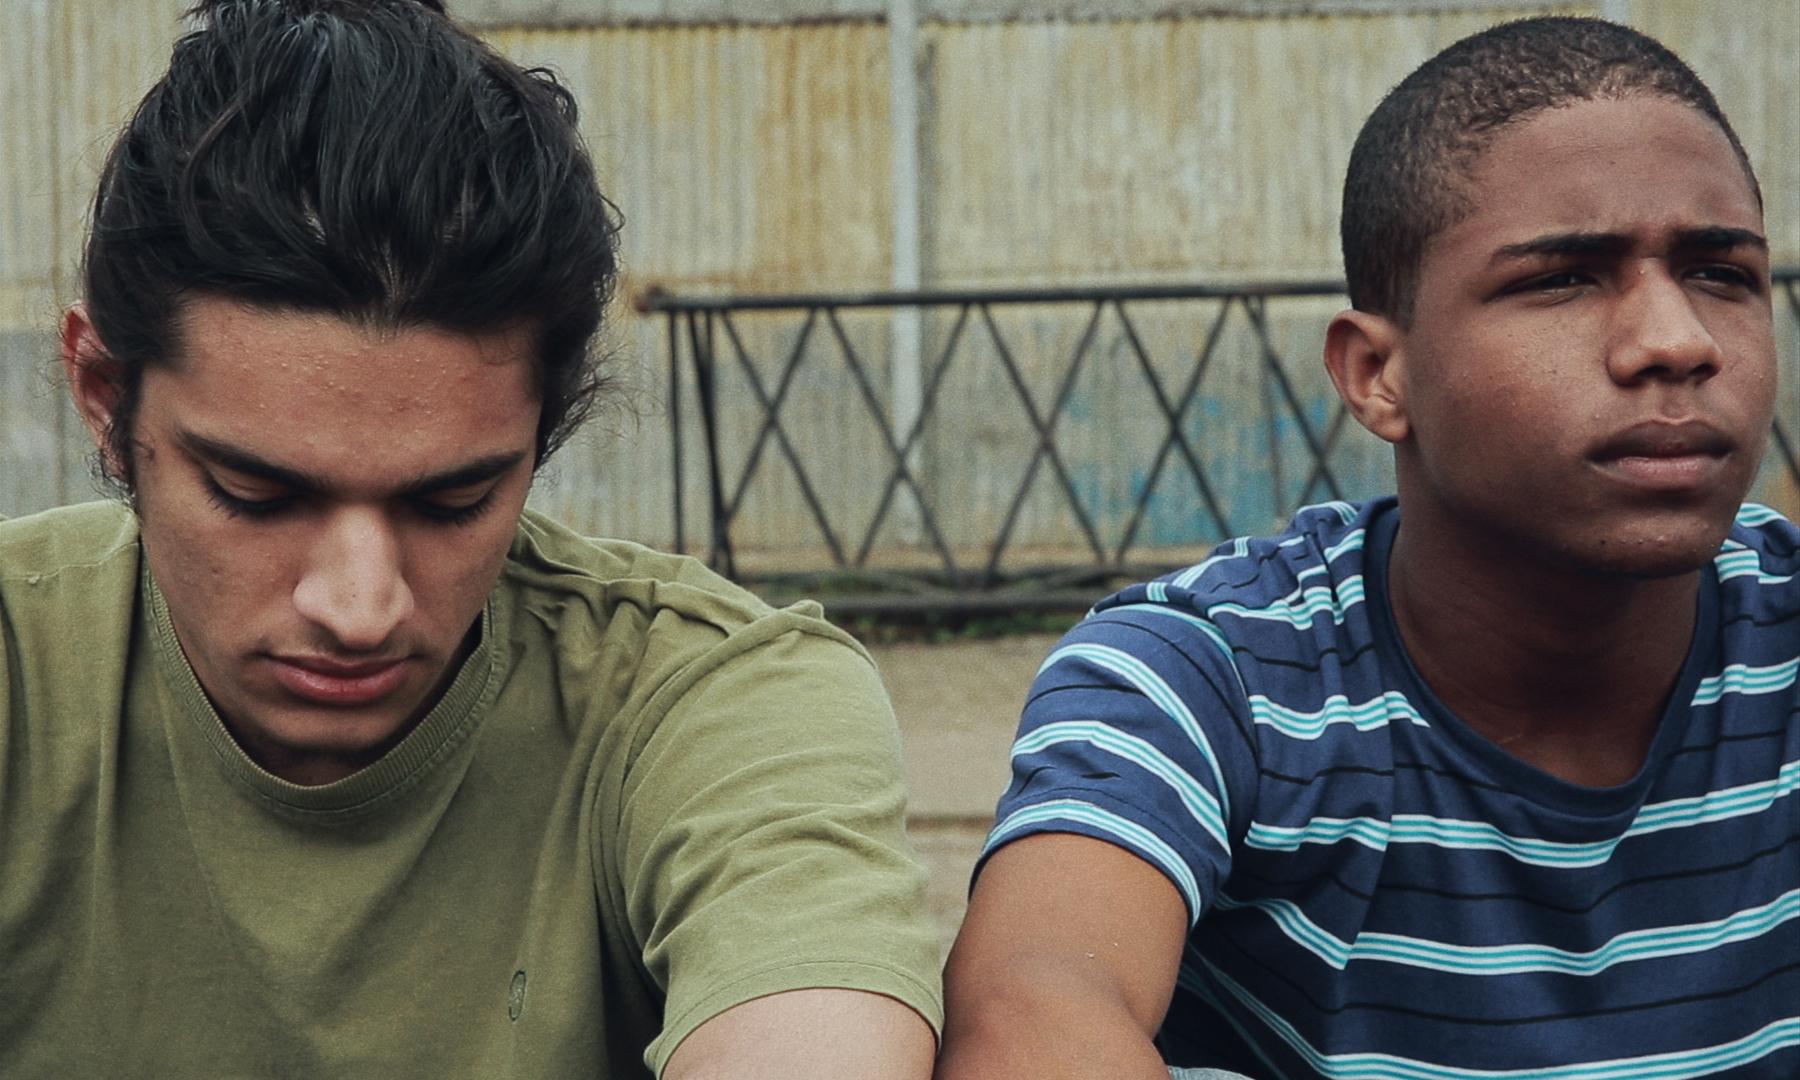 Petra Belas Artes apresentará filmes que abordam temas LGBTQ+ neste mês